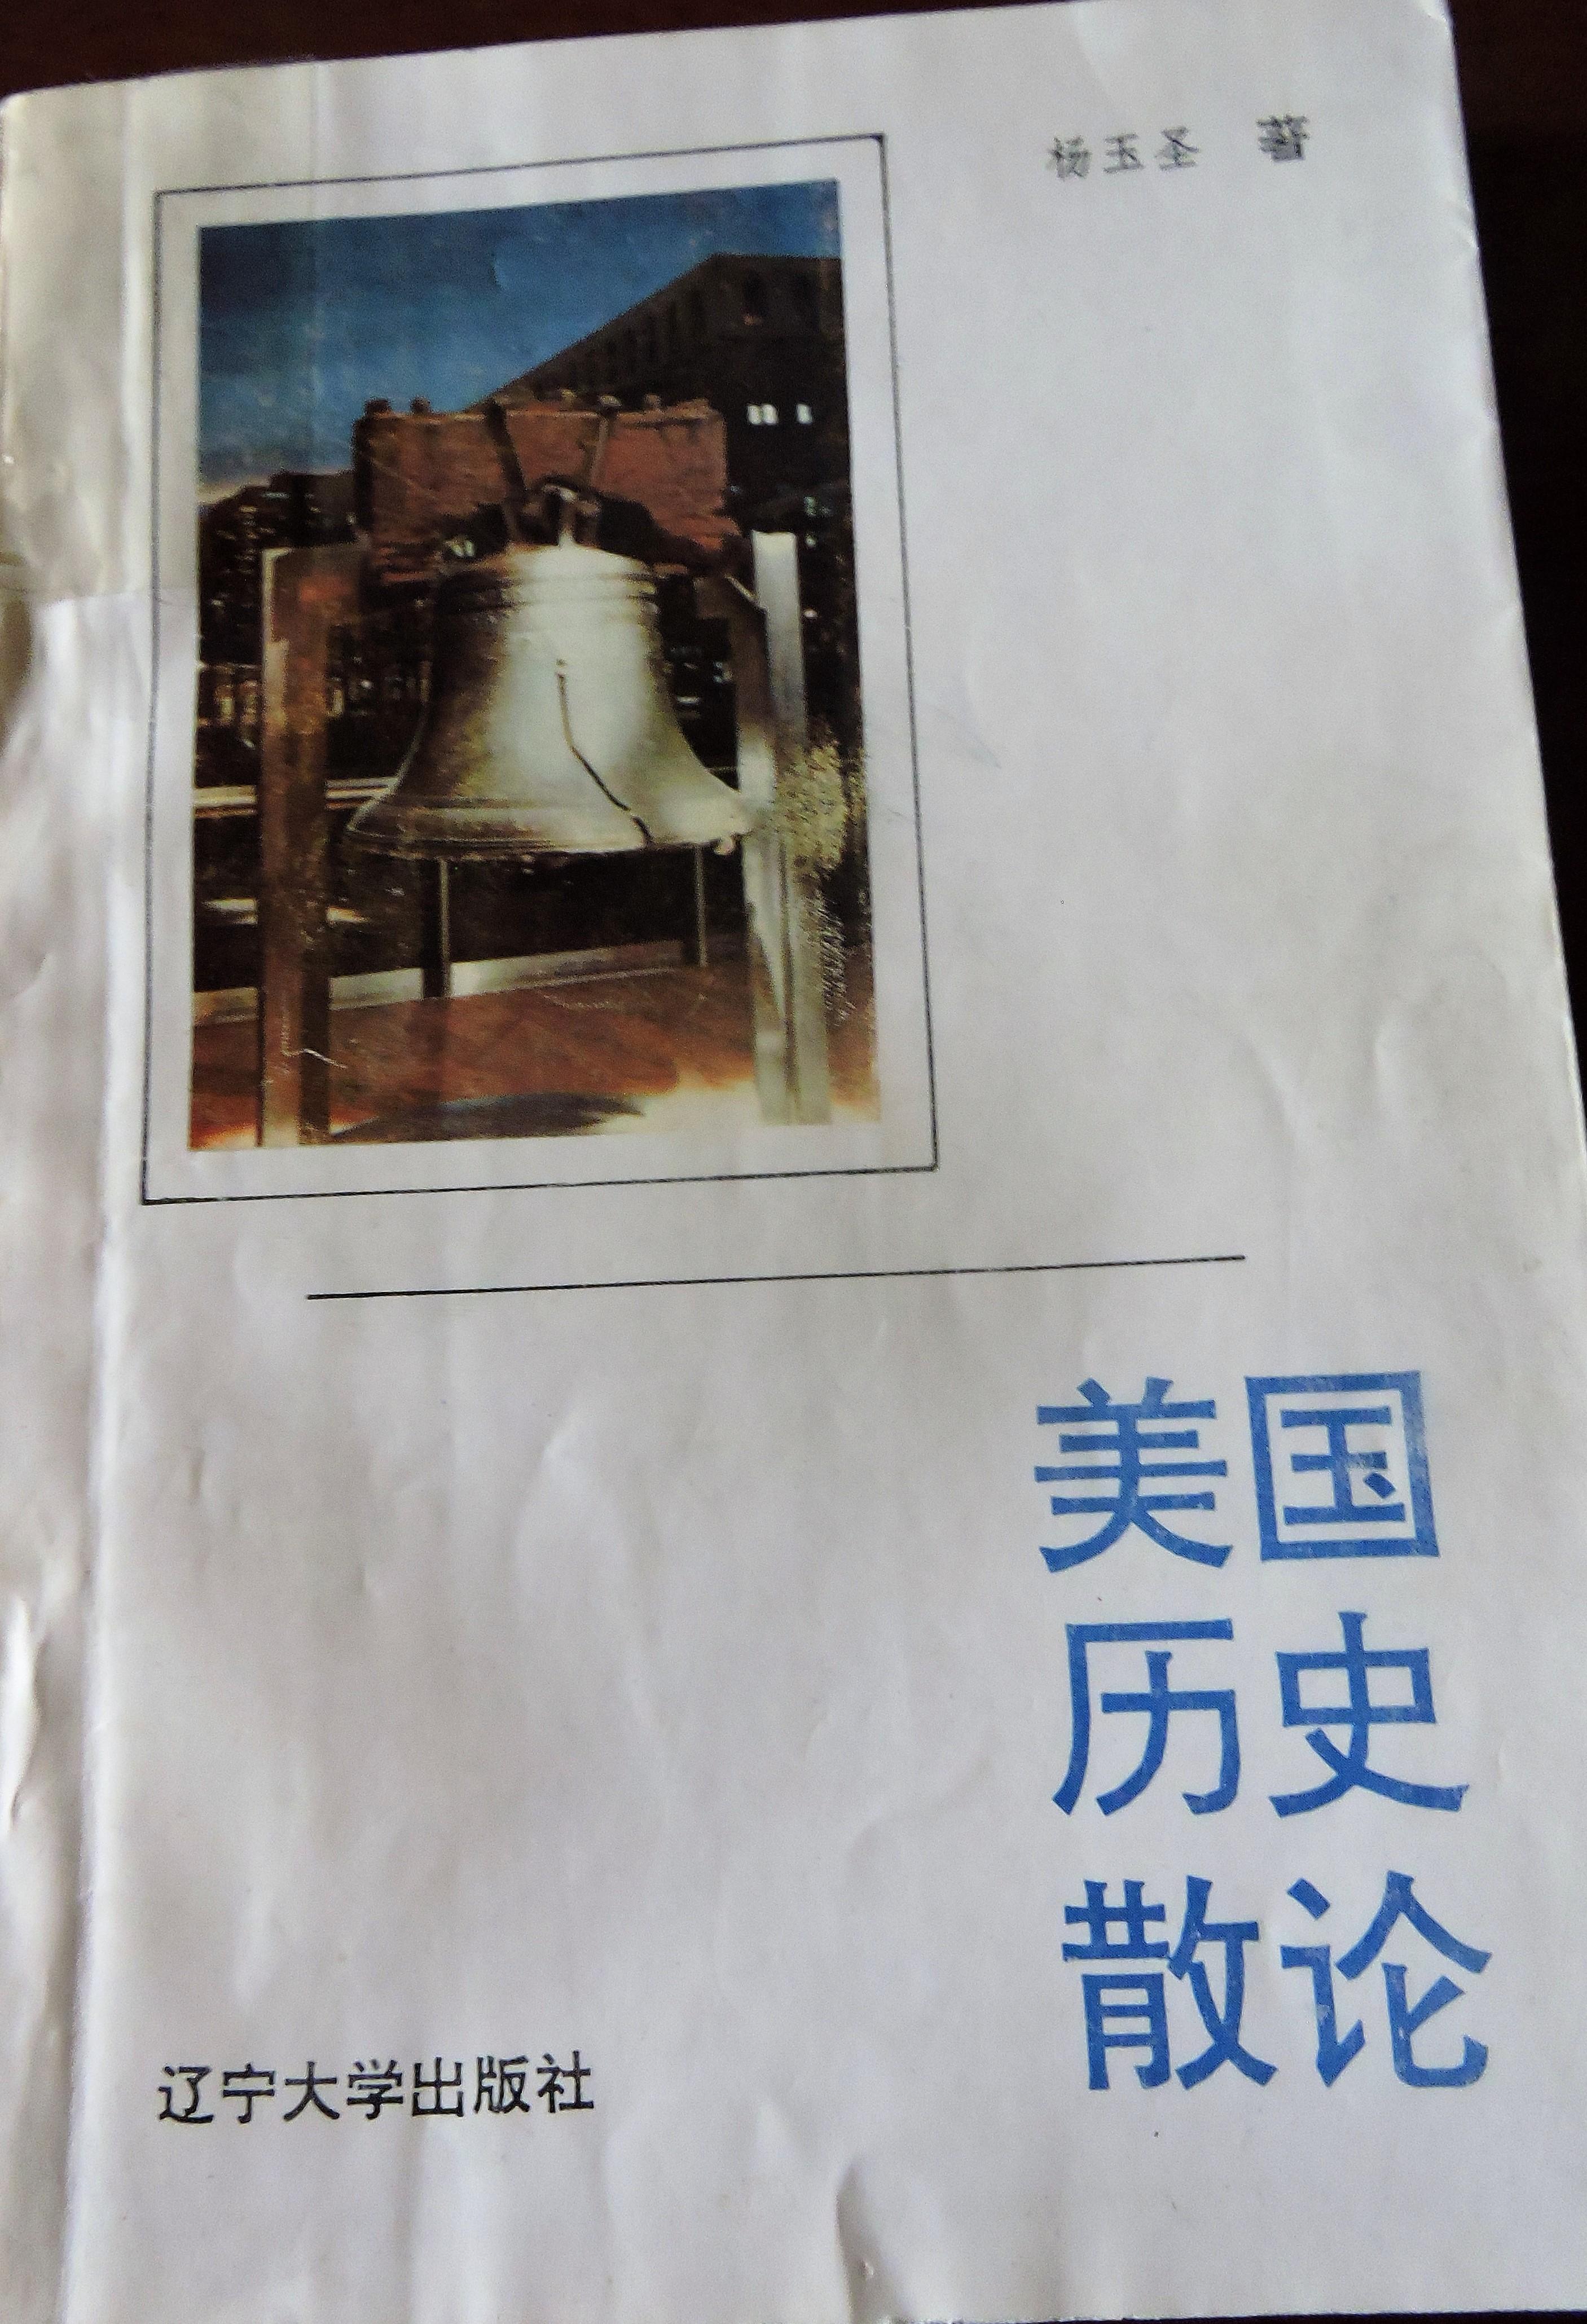 1 DSCN9097.JPG